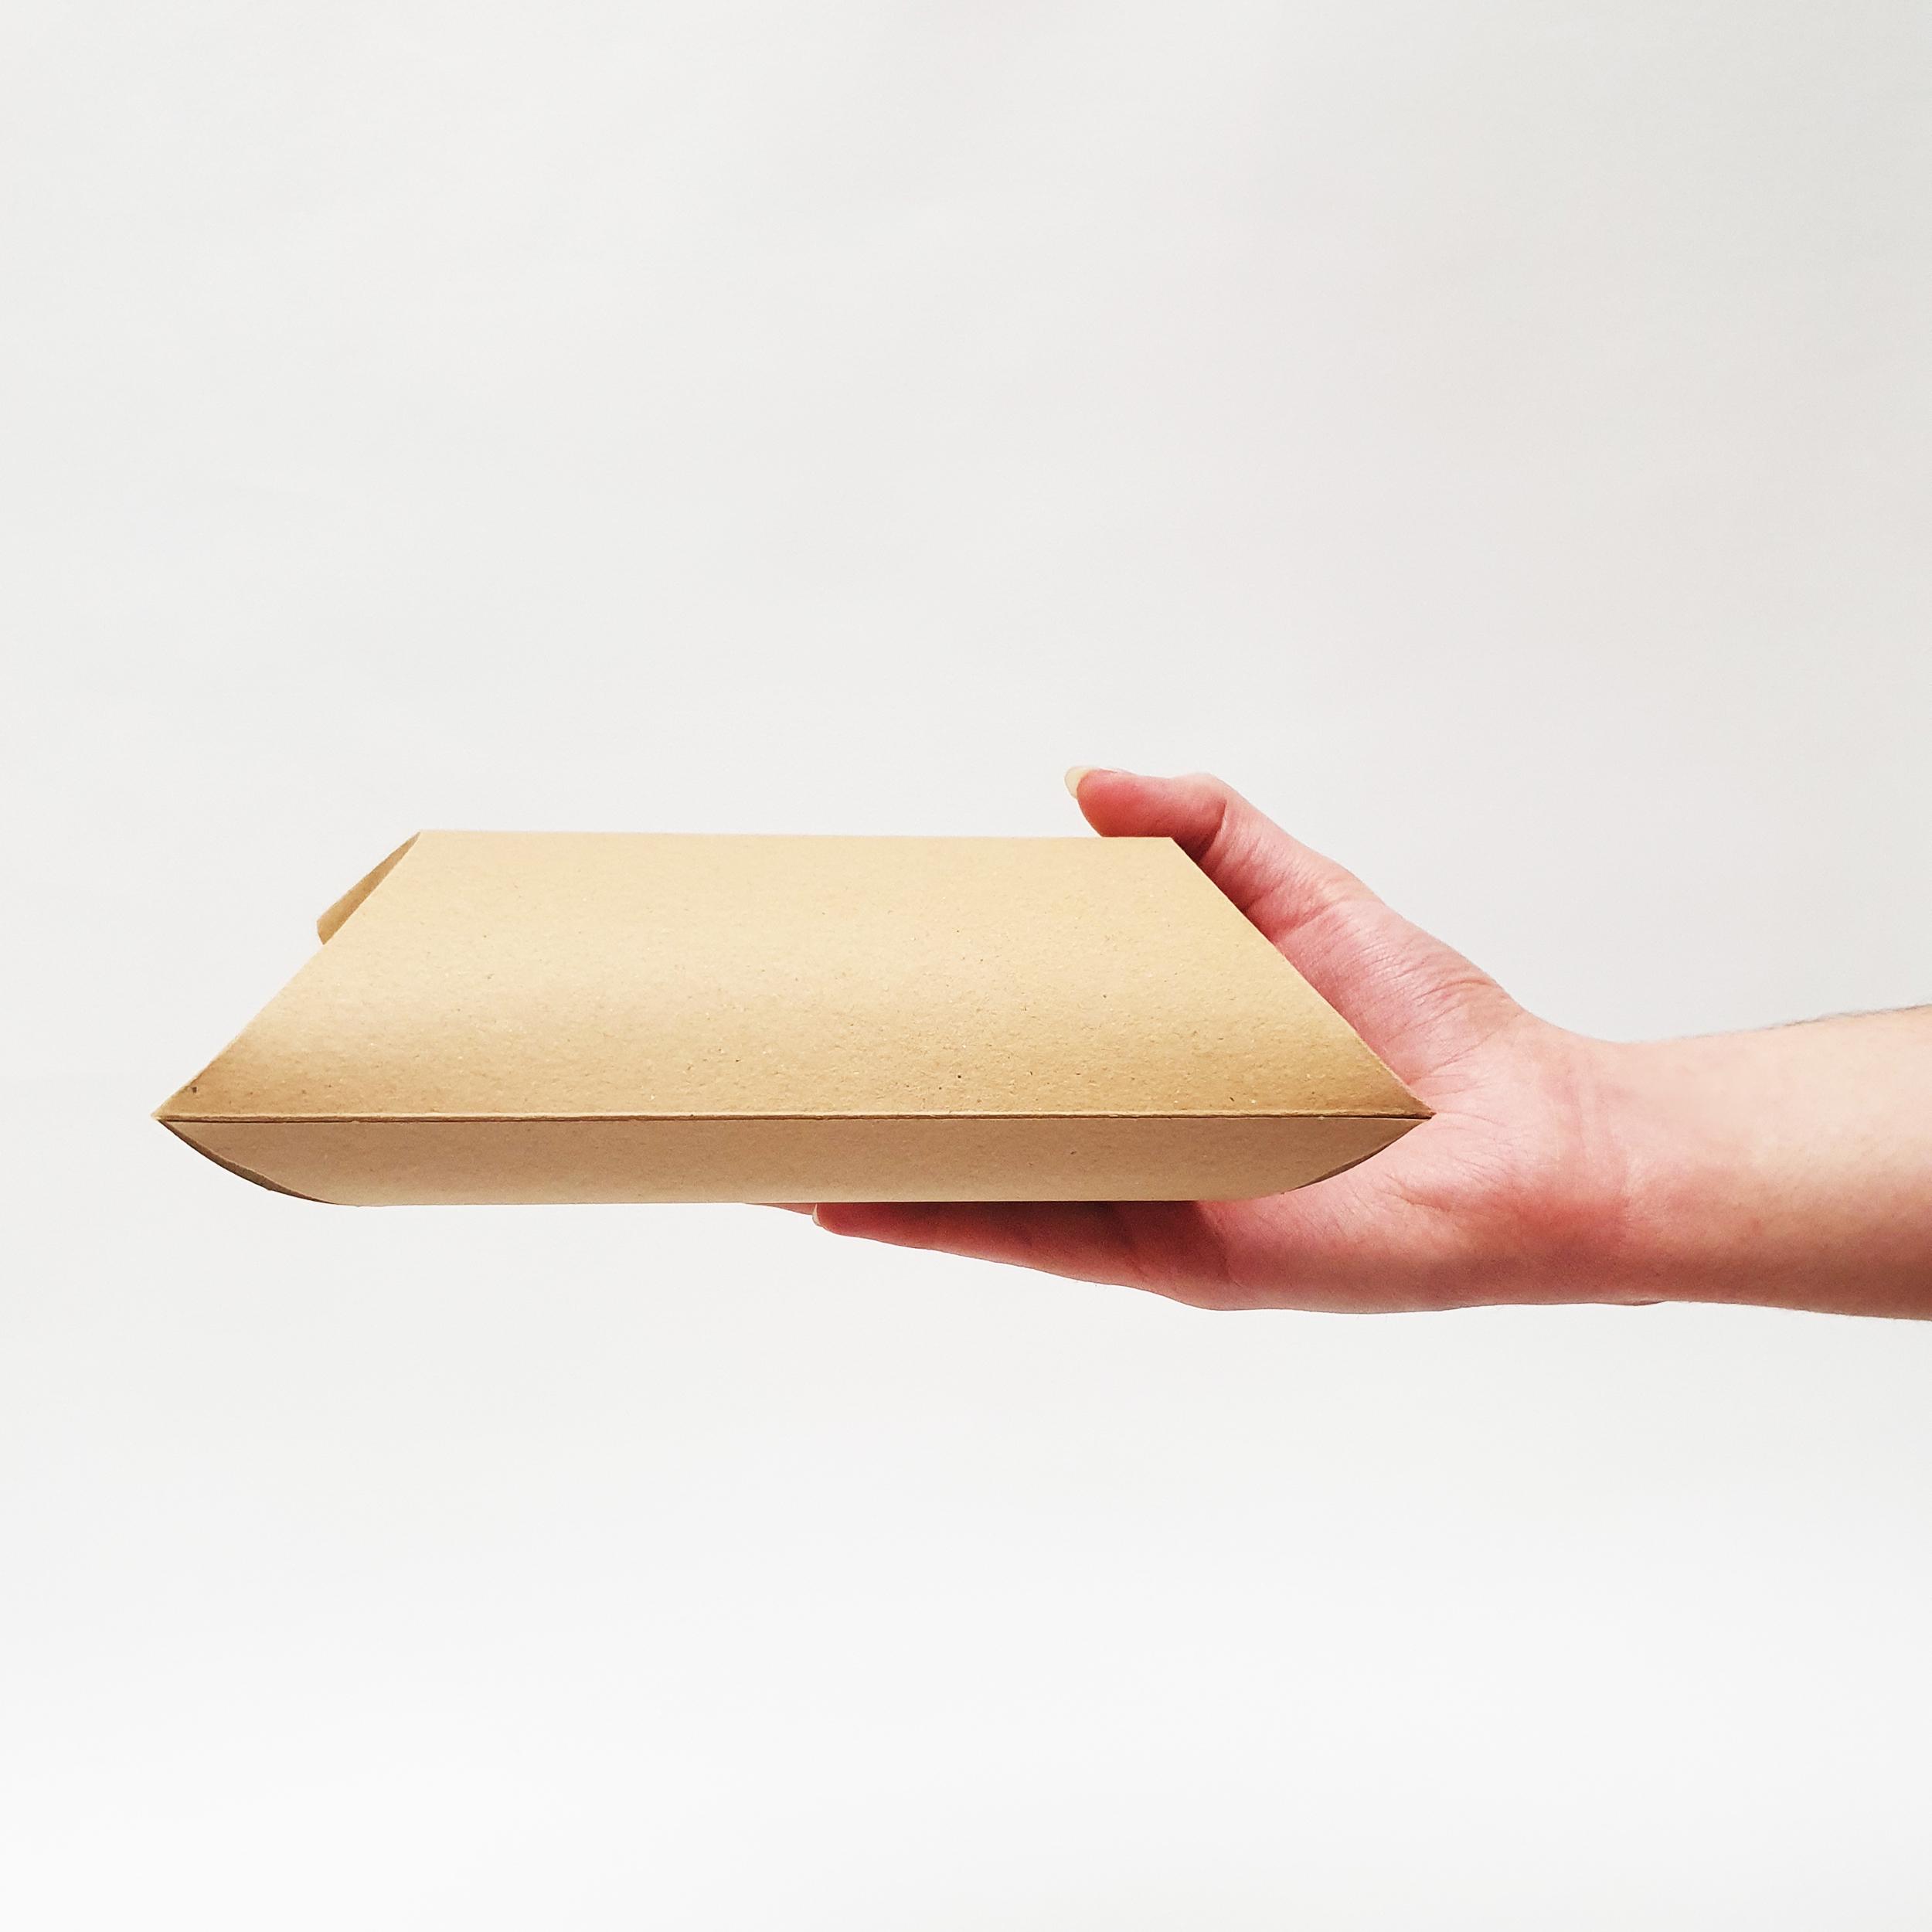 خرید                      جعبه هدیه طرح Pillow کد P4-Mhr بسته 10 عددی